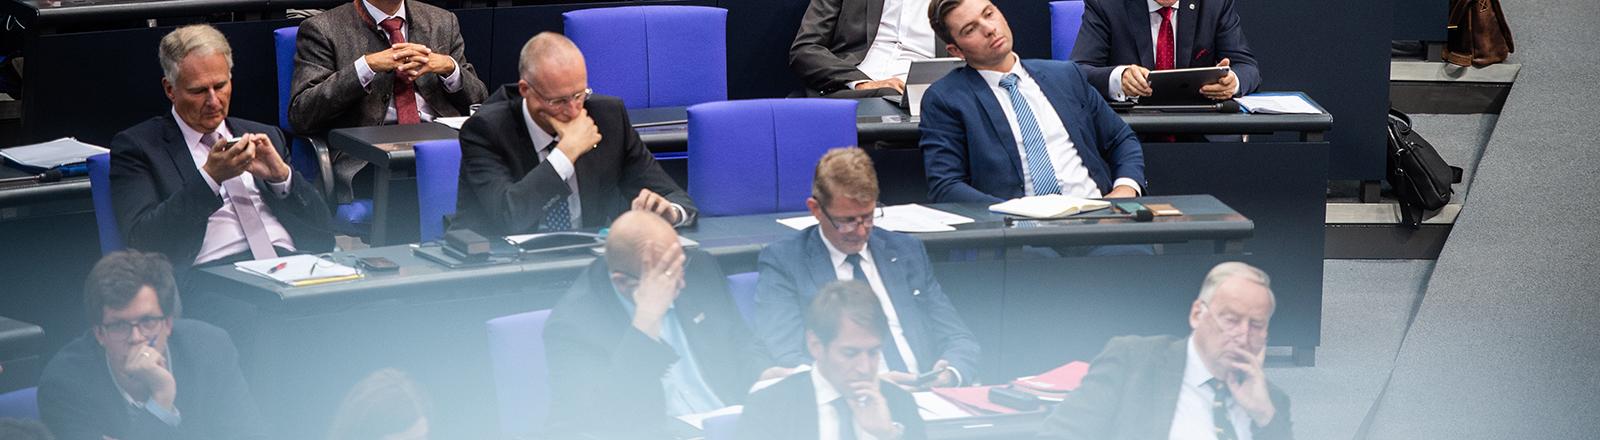 AfD-Bundestagsfraktion 26.09.2019